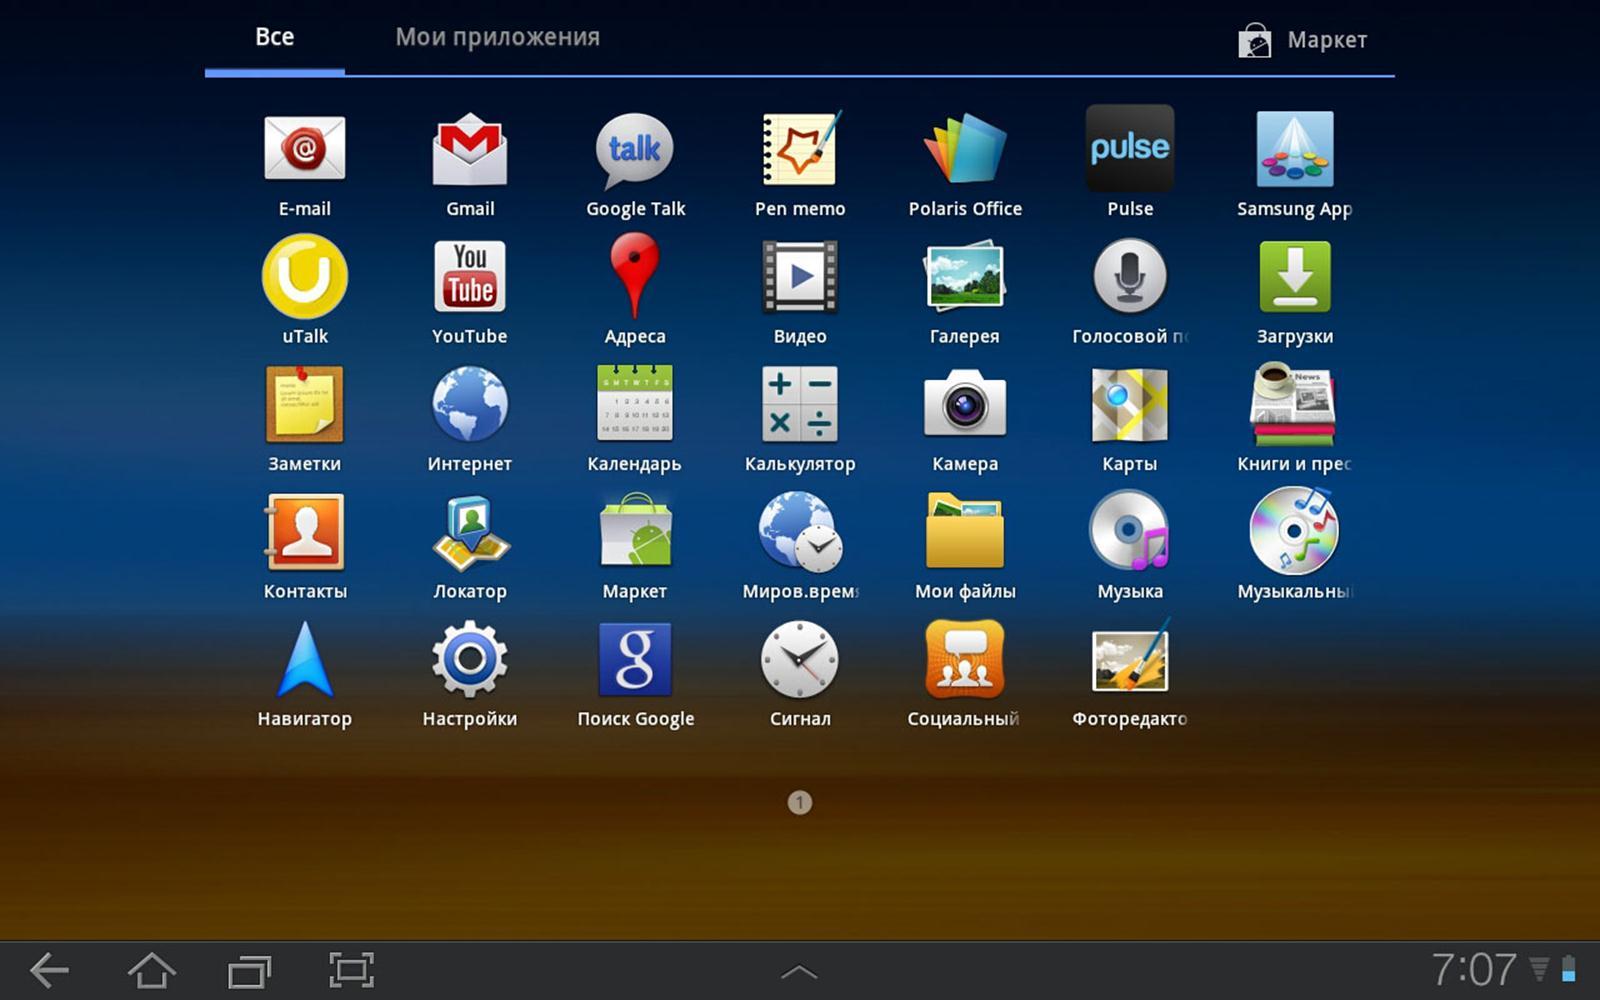 Открытка, приложение мои картинки на смартфоне